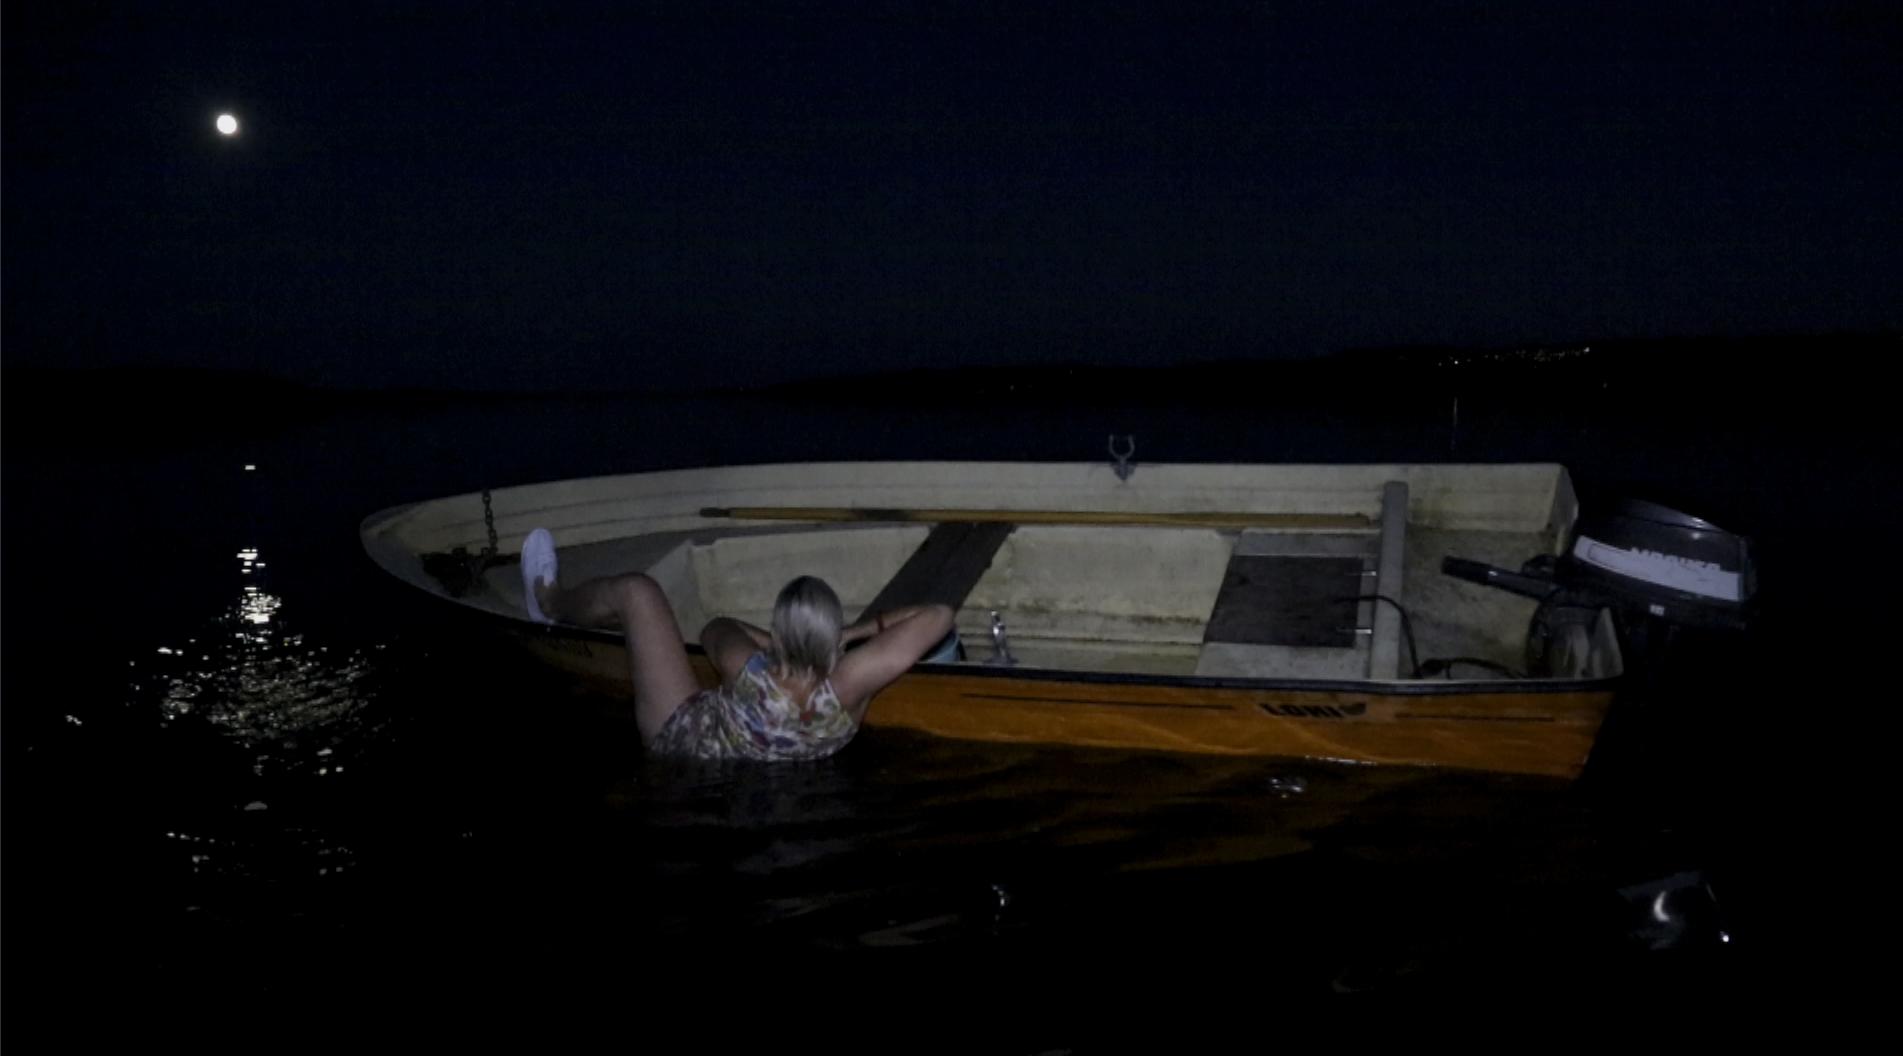 Båten_3.png